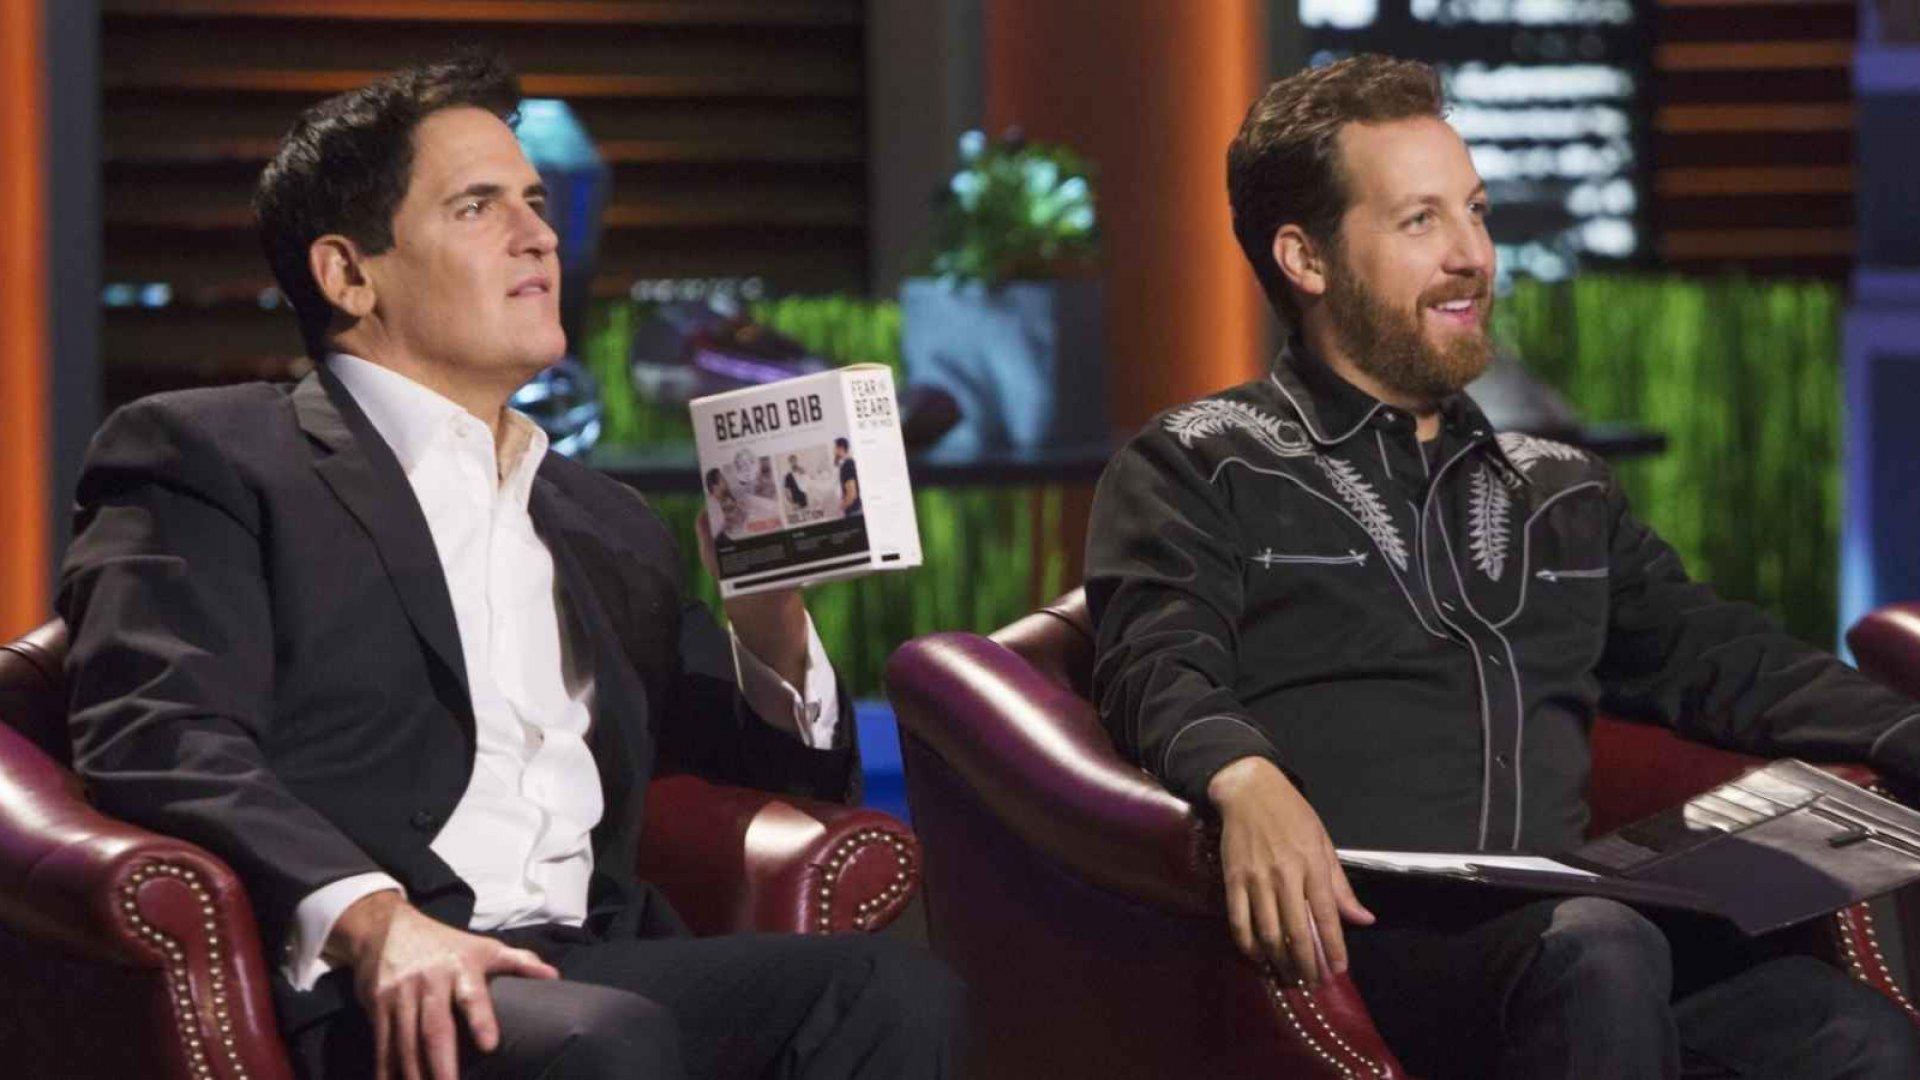 Mark Cuban, Chris Sacca, and Paul Graham Spar Over 'Shark Tank' on Twitter